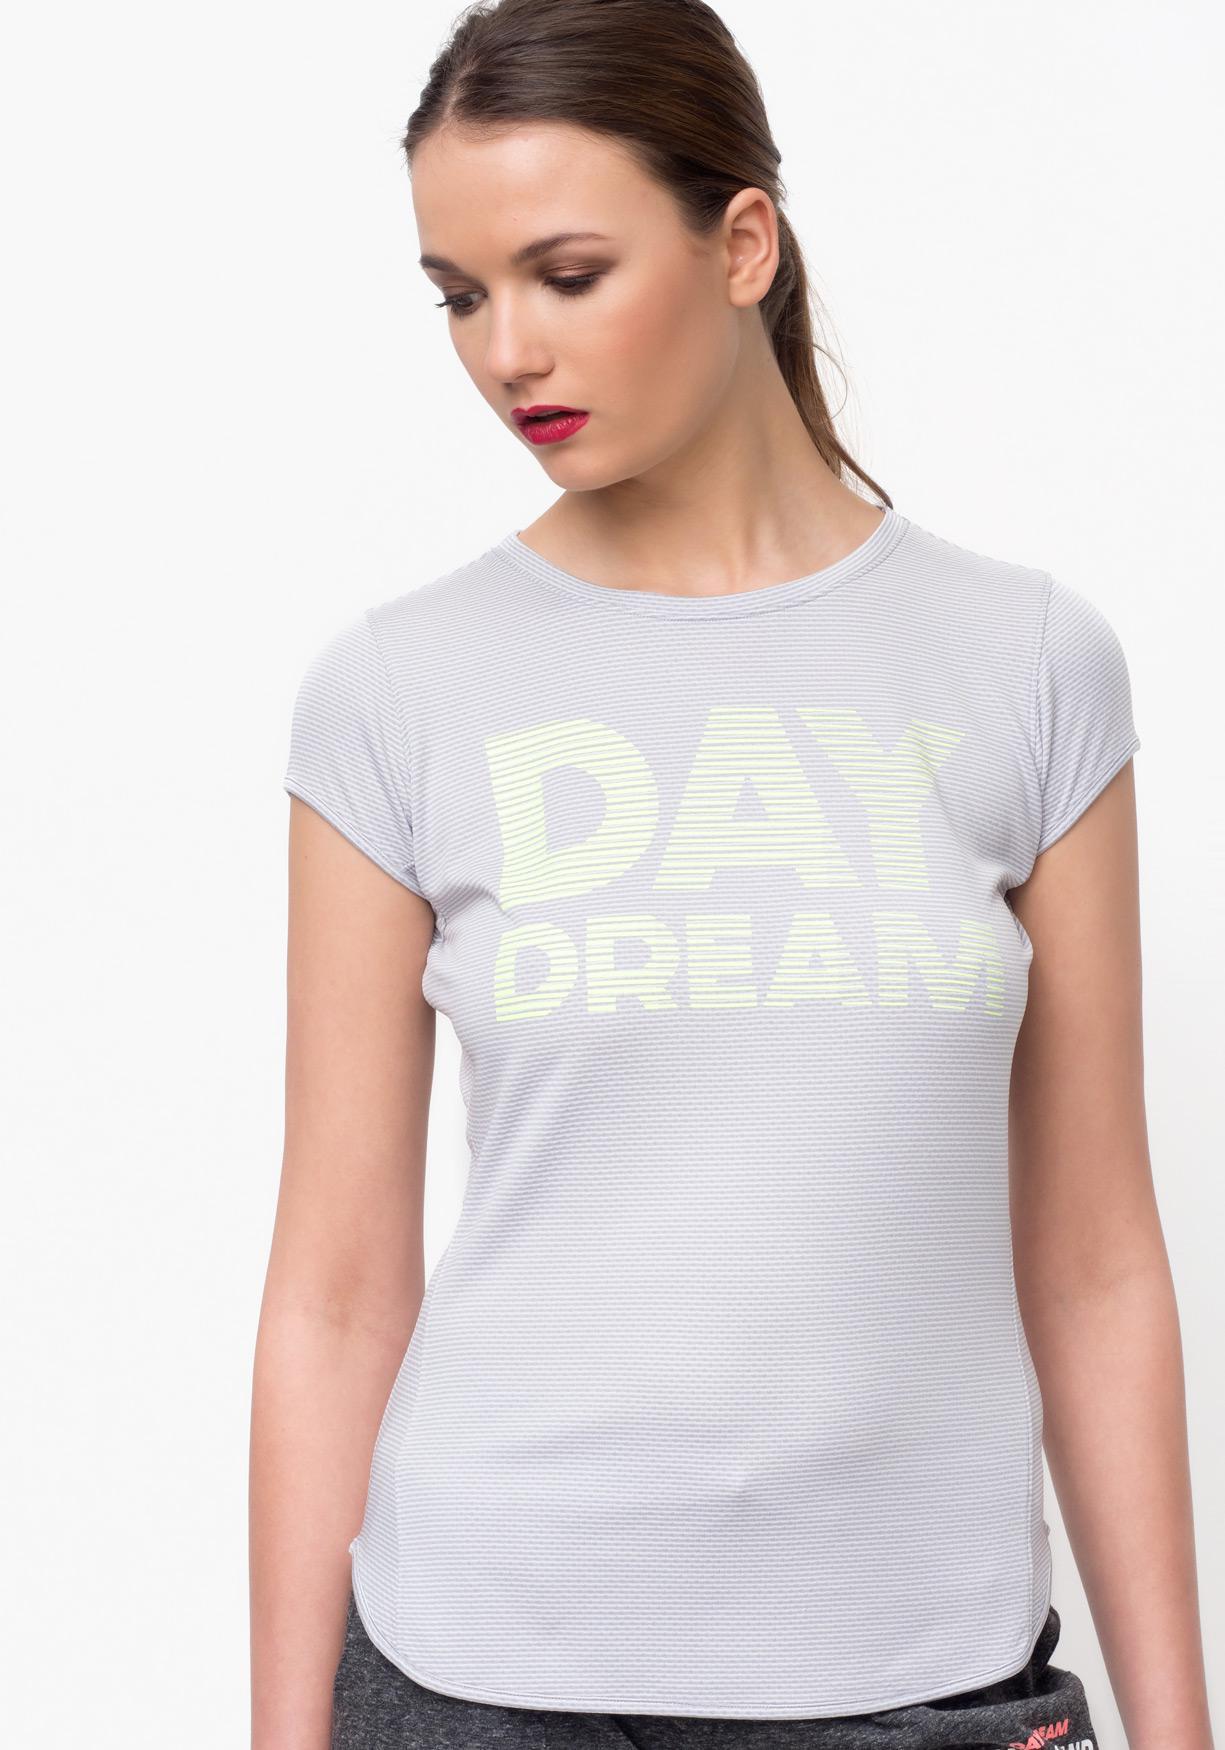 Comprar Camiseta deporte de mujer manga corta TEX. ¡Aprovéchate de ... ebb13bd8508b